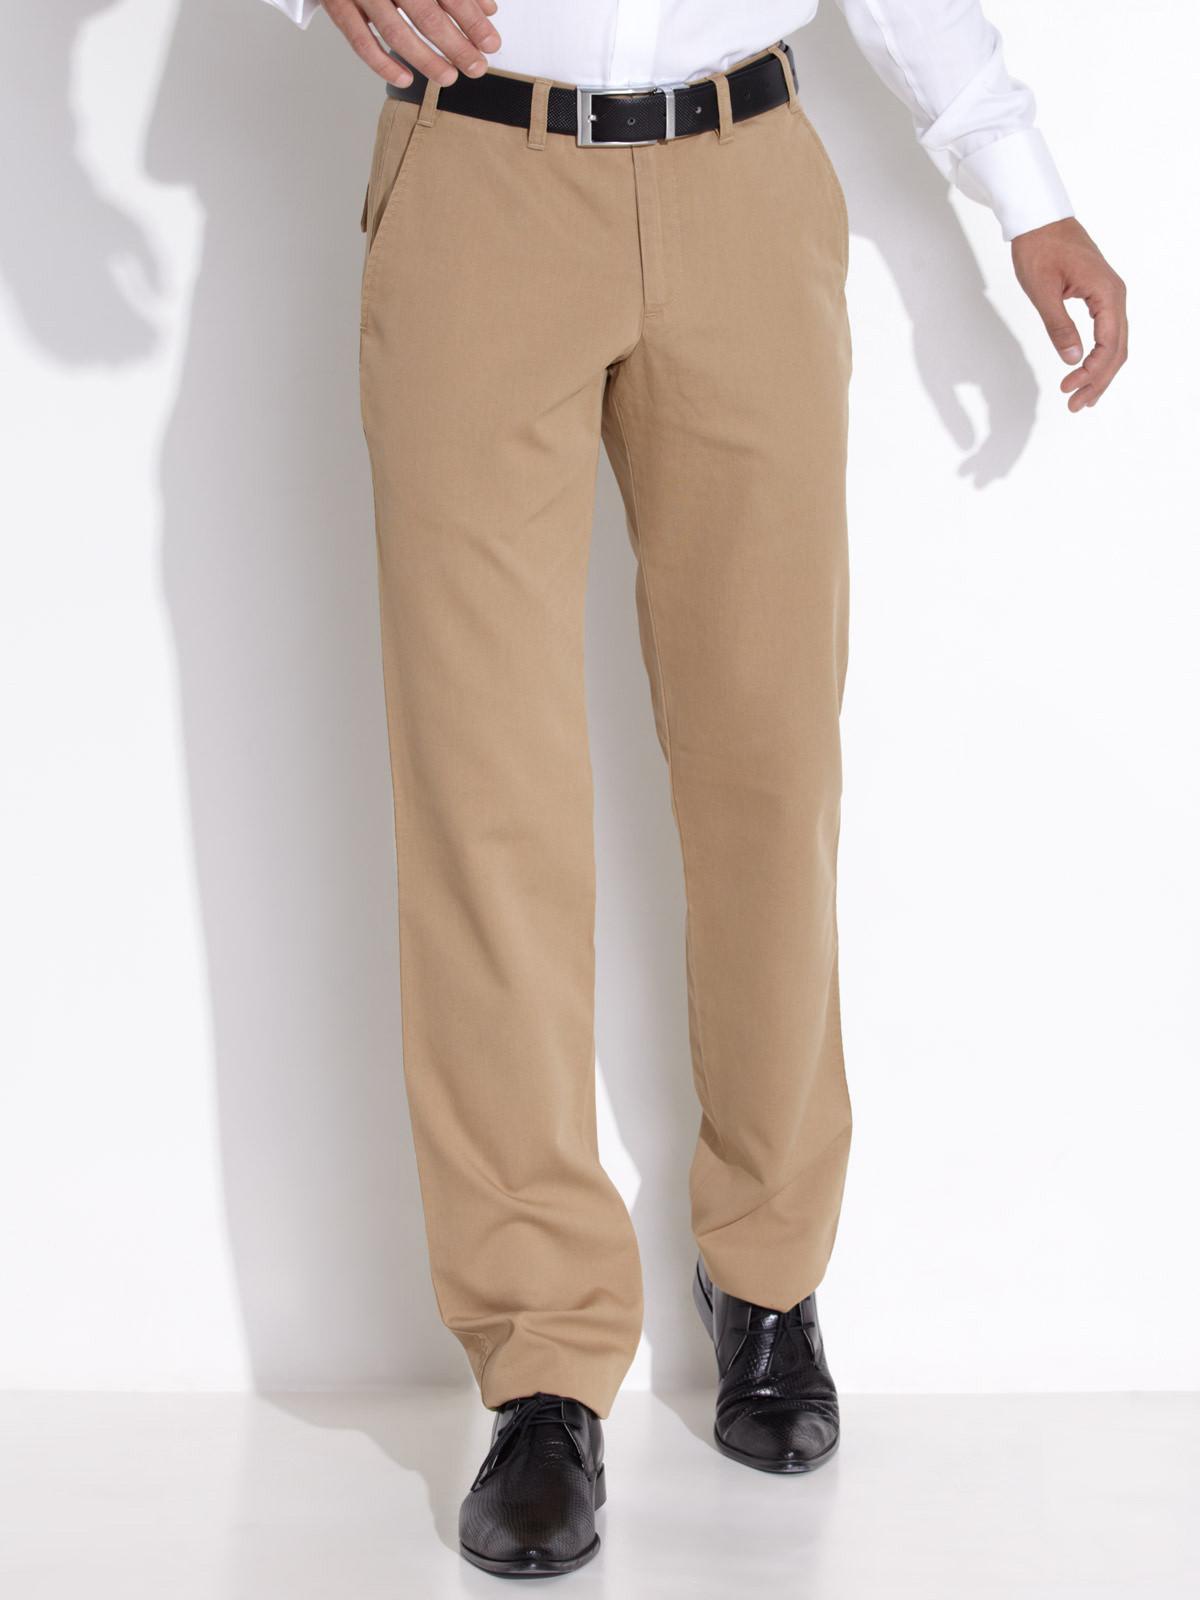 Pantalon Homme Daniel Hechter rlRJA8